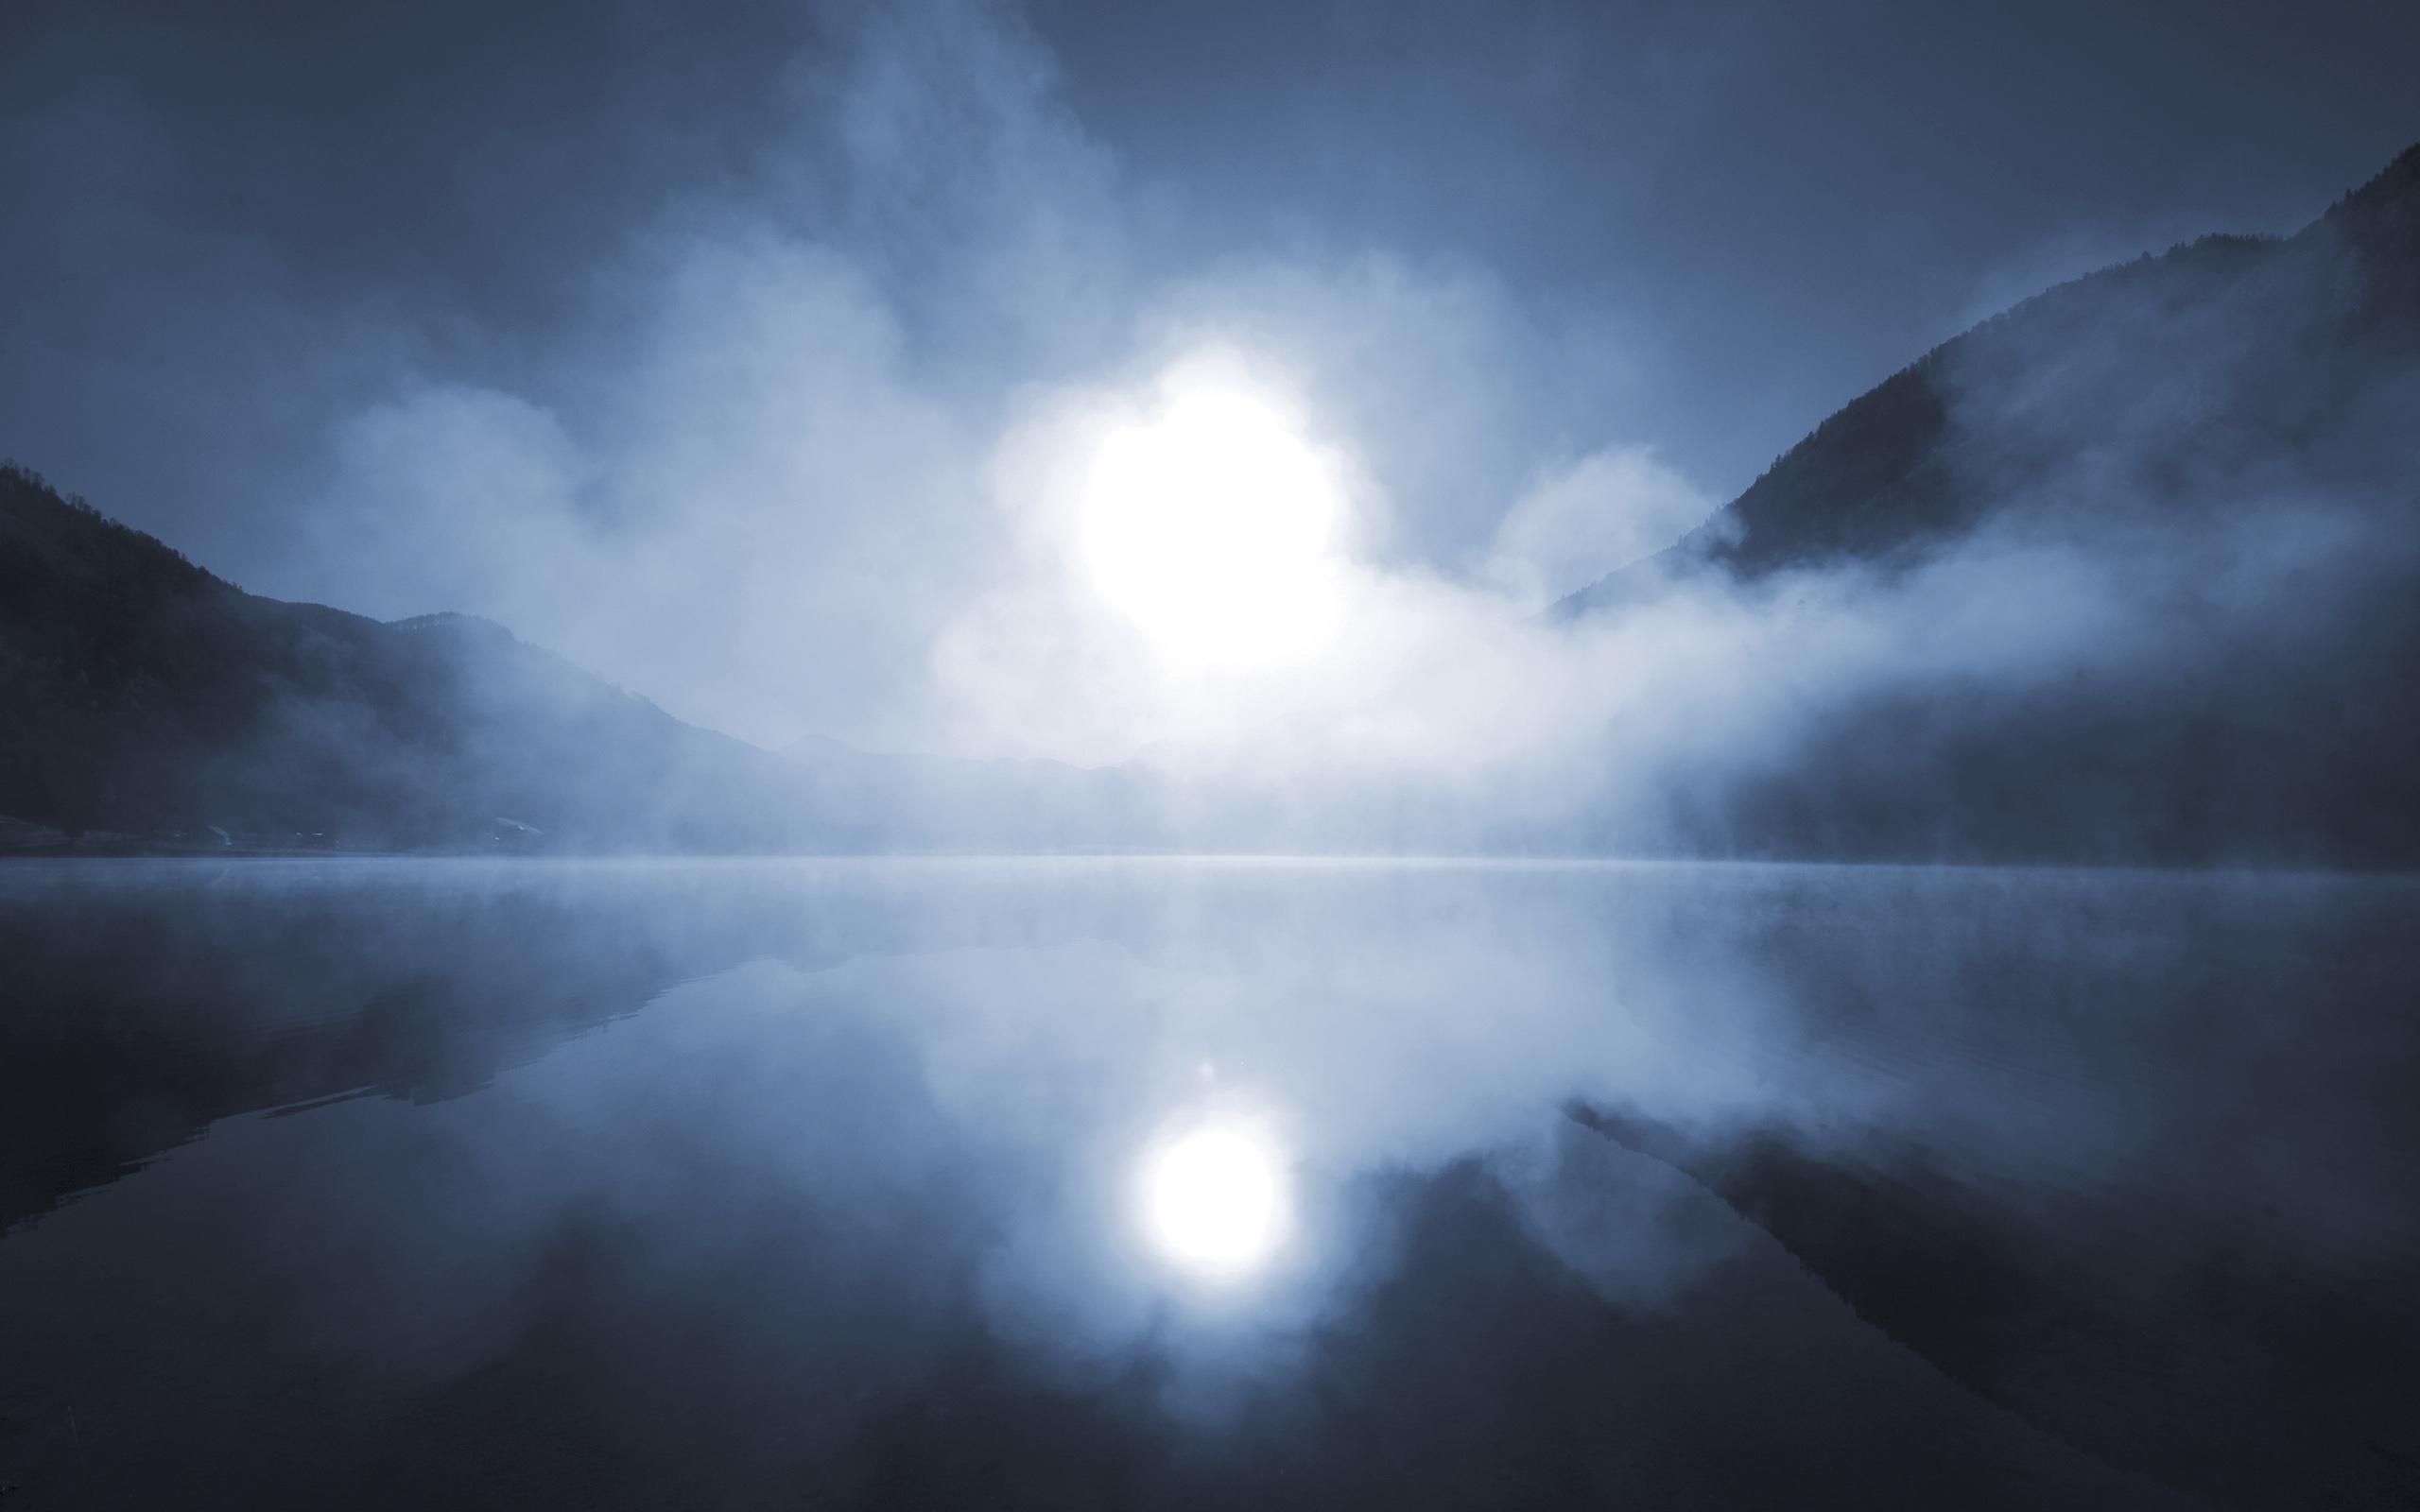 Mist wallpaper | 2560x1600 | #55279